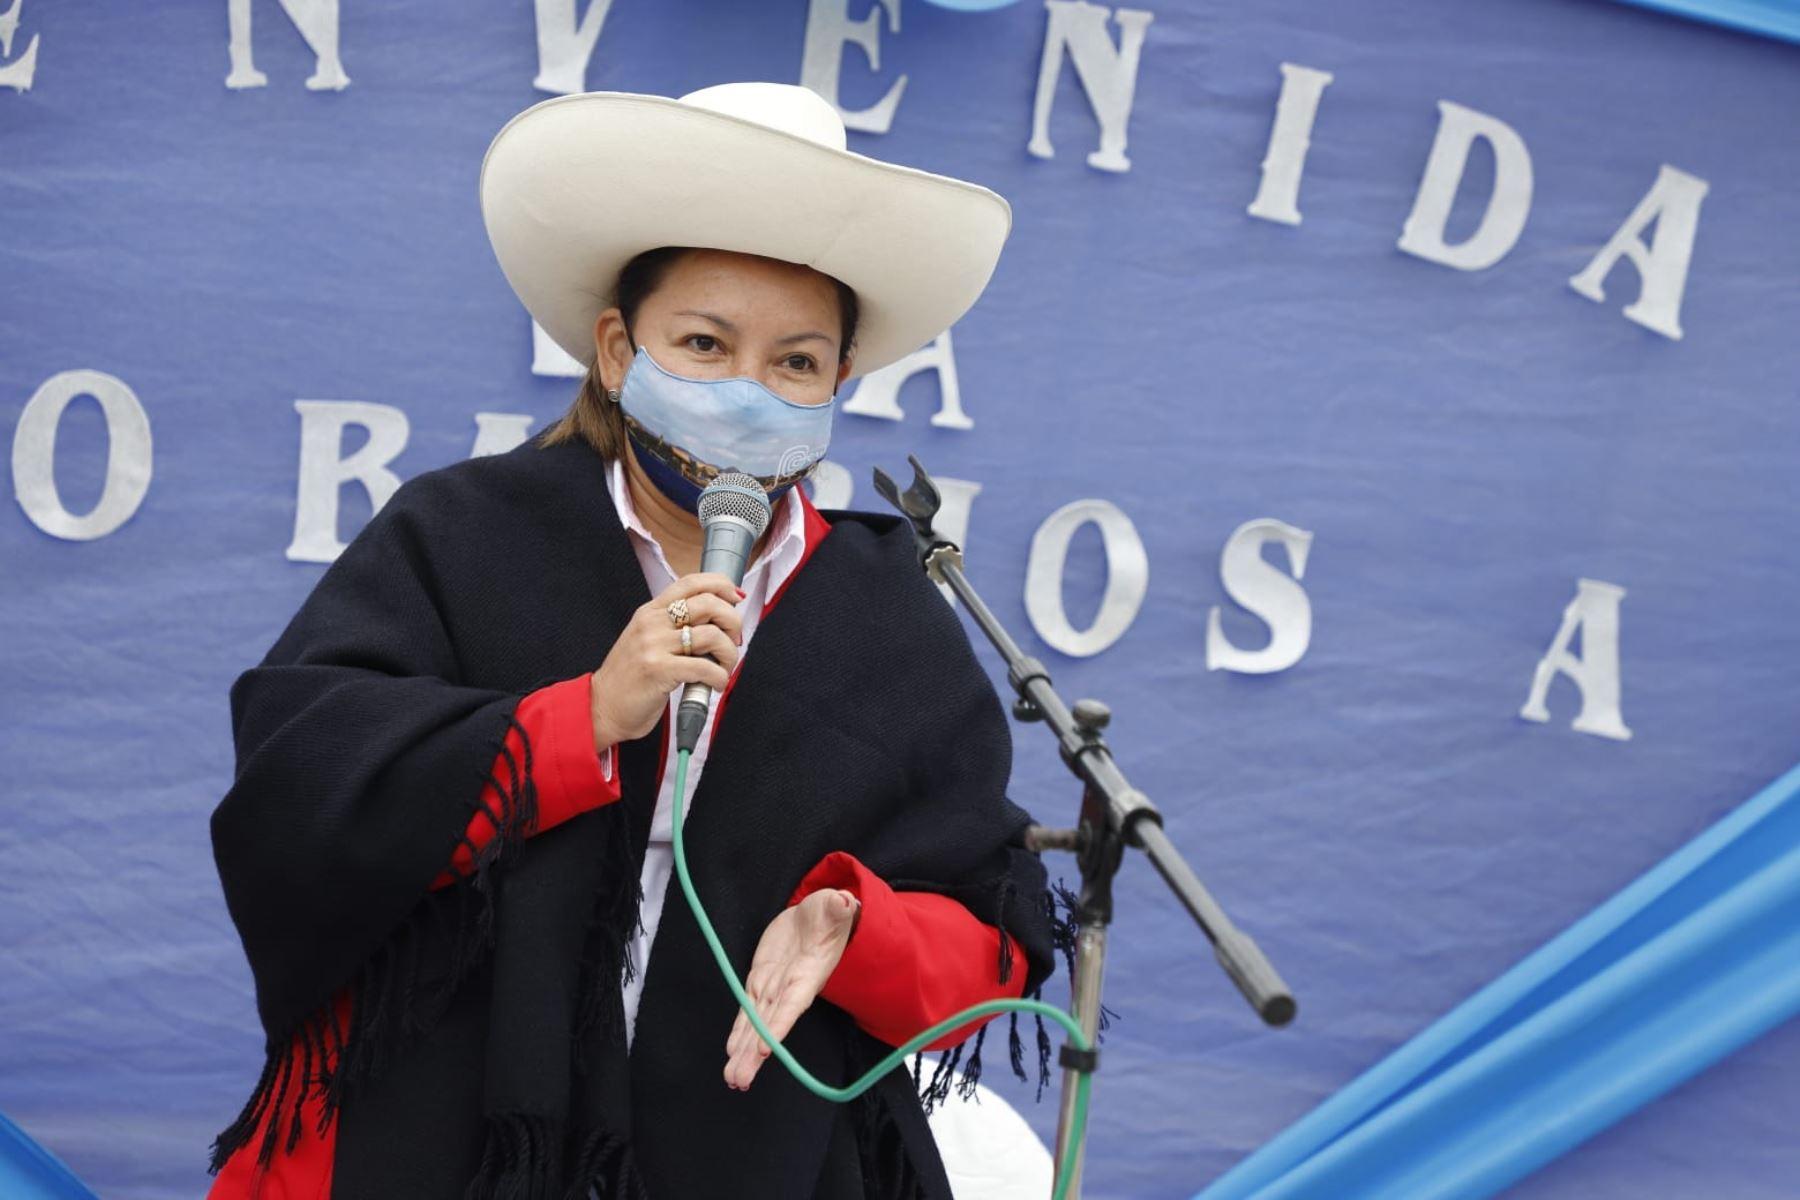 La ministra de Comercio Exterior y Turismo, Rocío Barrios, llegó hoy al distrito de Querocoto (Cajamarca) con el objetivo de iniciar un trabajo articulado que permita promover sus atractivos turísticos, y de esta manera, impulsar su desarrollo económico. Foto: Mincetur